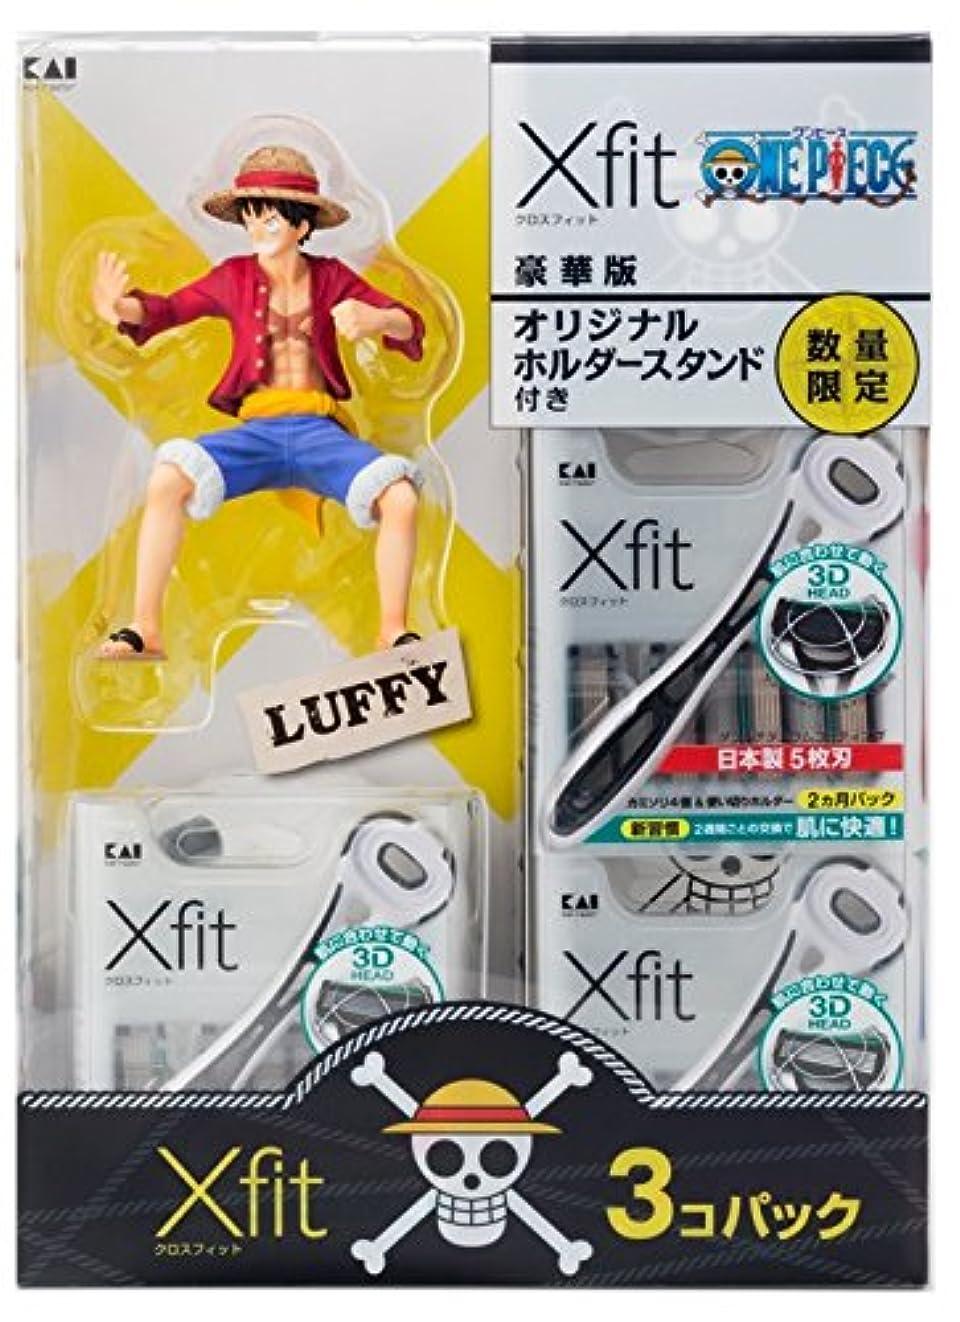 奨励します機転気難しいXfit(クロスフィット)5枚刃カミソリ ワンピース企画第1弾3コパック+オリジナルホルダースタンド(ルフィ)